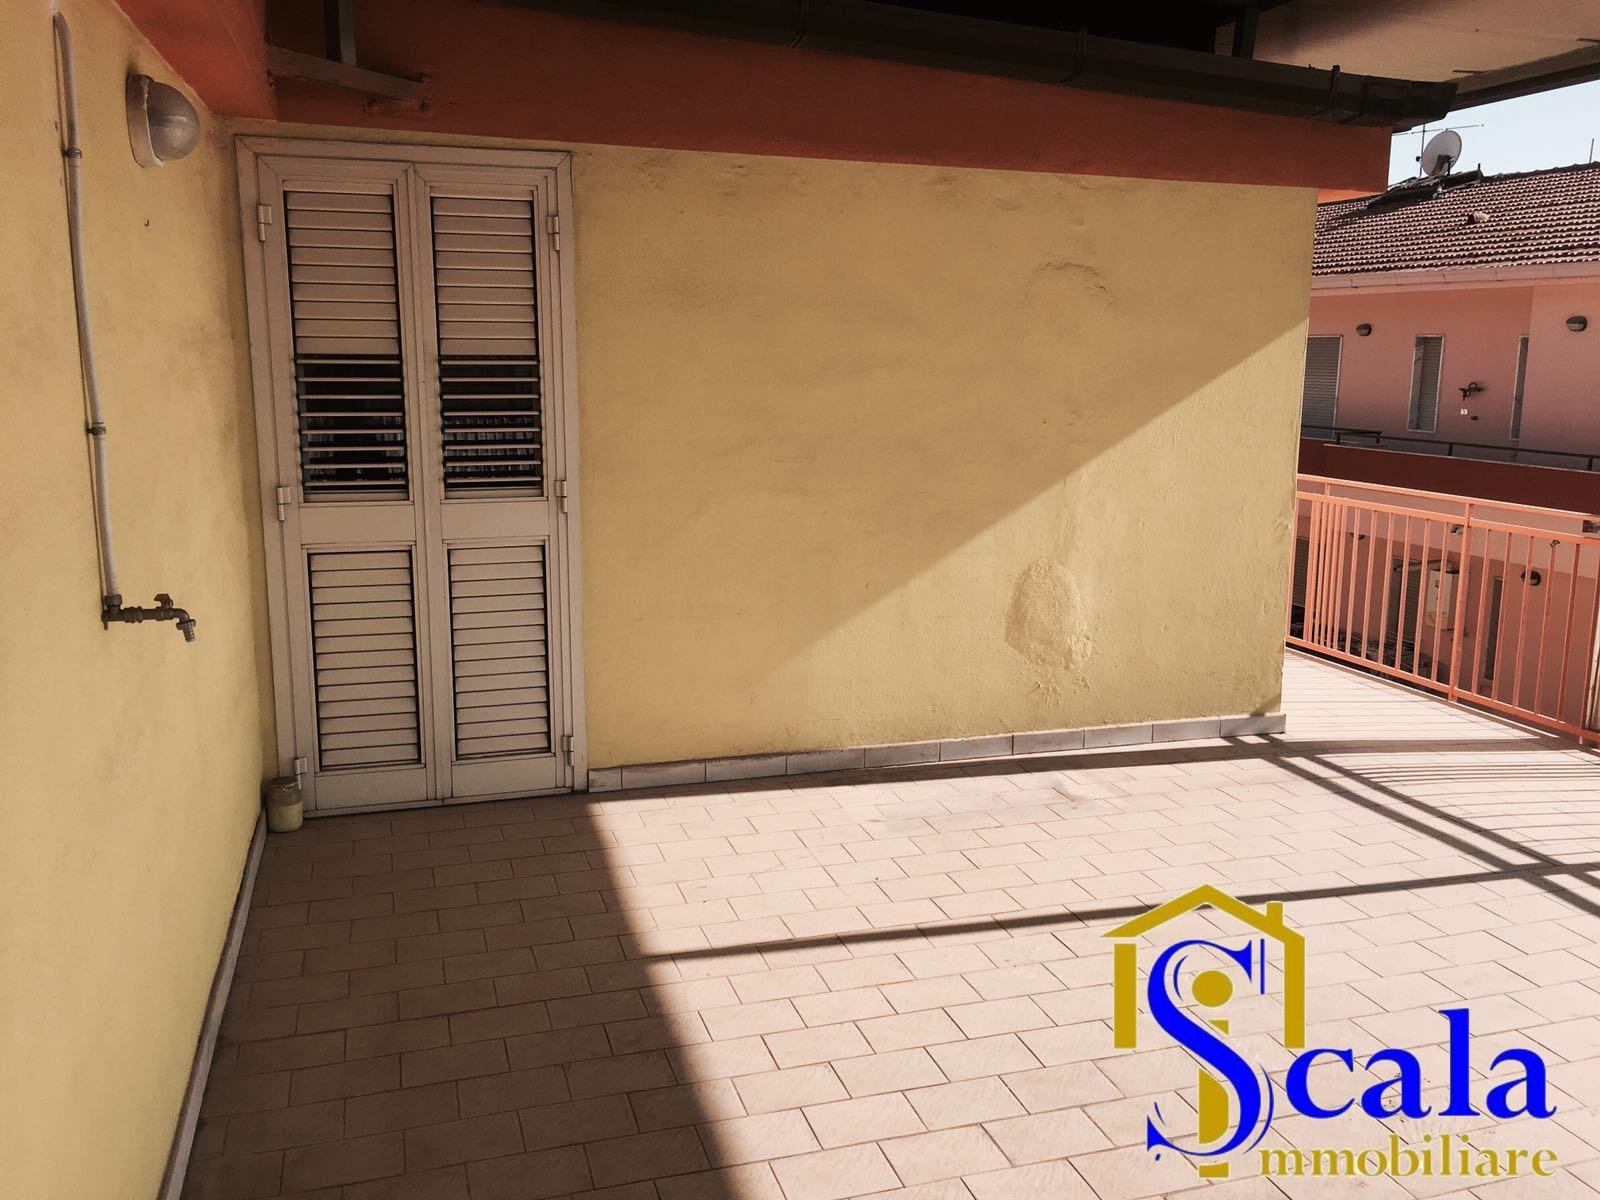 Appartamento in affitto a Macerata Campania, 3 locali, prezzo € 320   CambioCasa.it